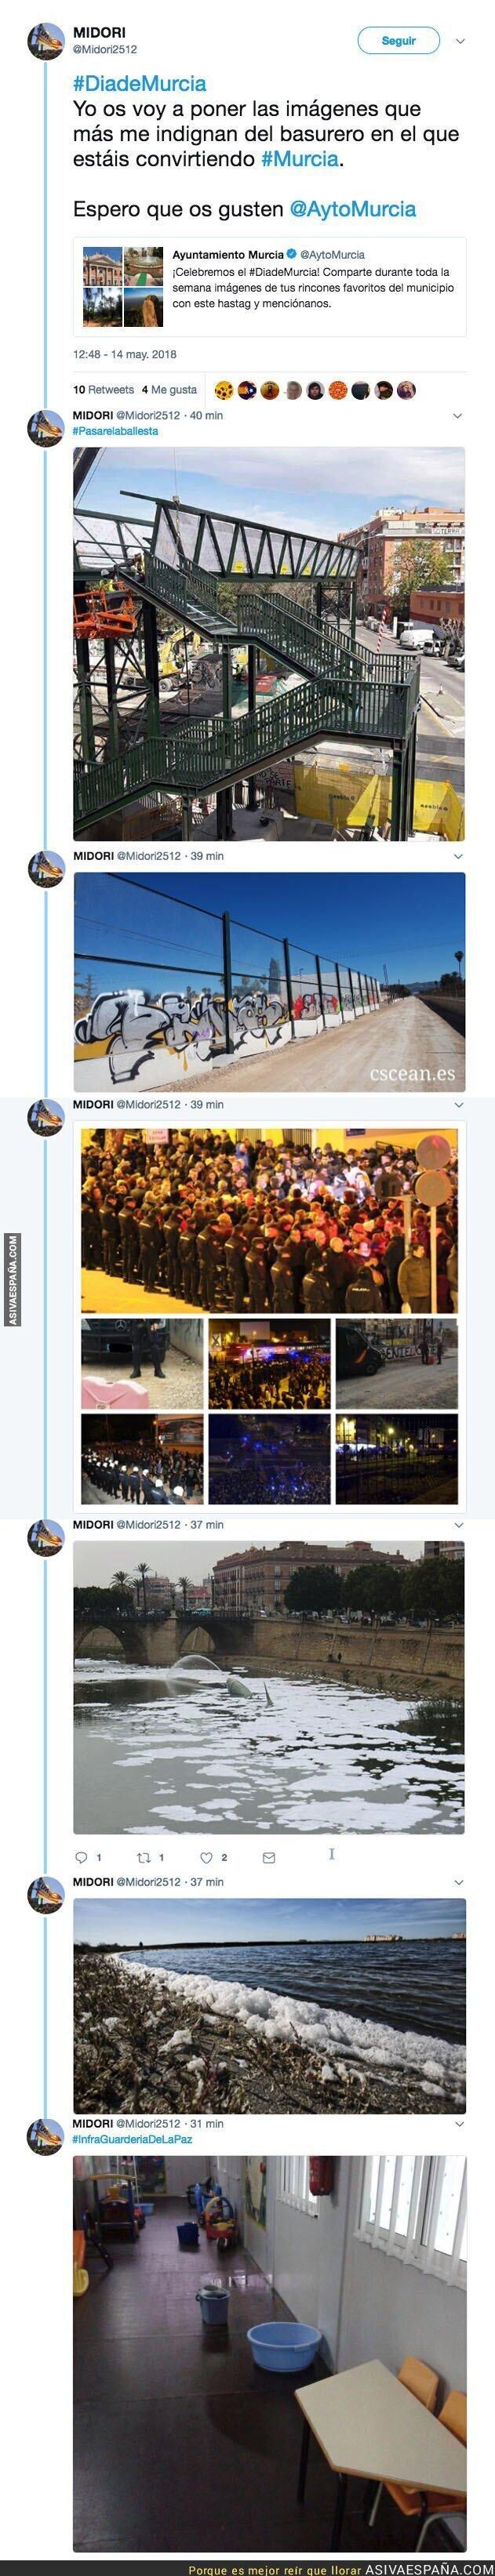 86800 - Las indignantes imágenes de Murcia que no enseñan los medios